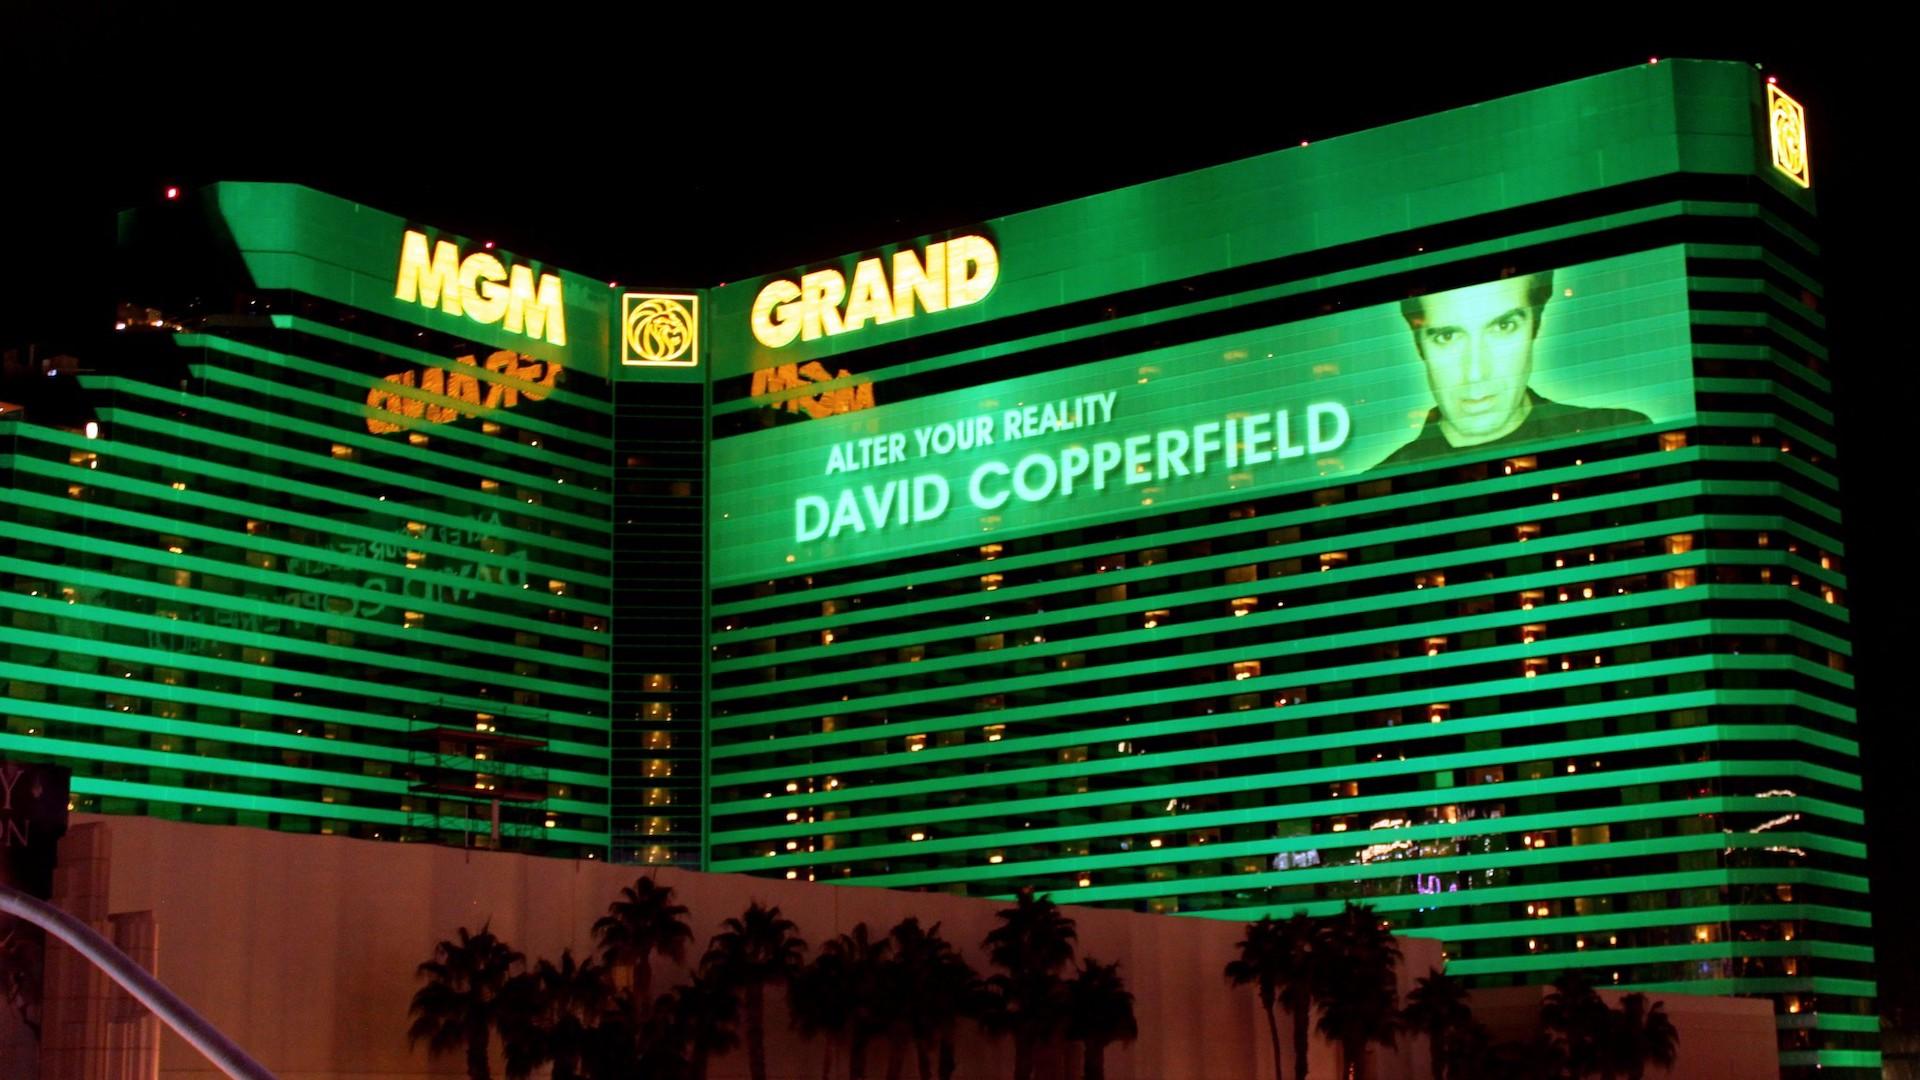 Les données de Justin Bieber et Jack Dorsey font partie d'une fuite issue des hôtels MGM